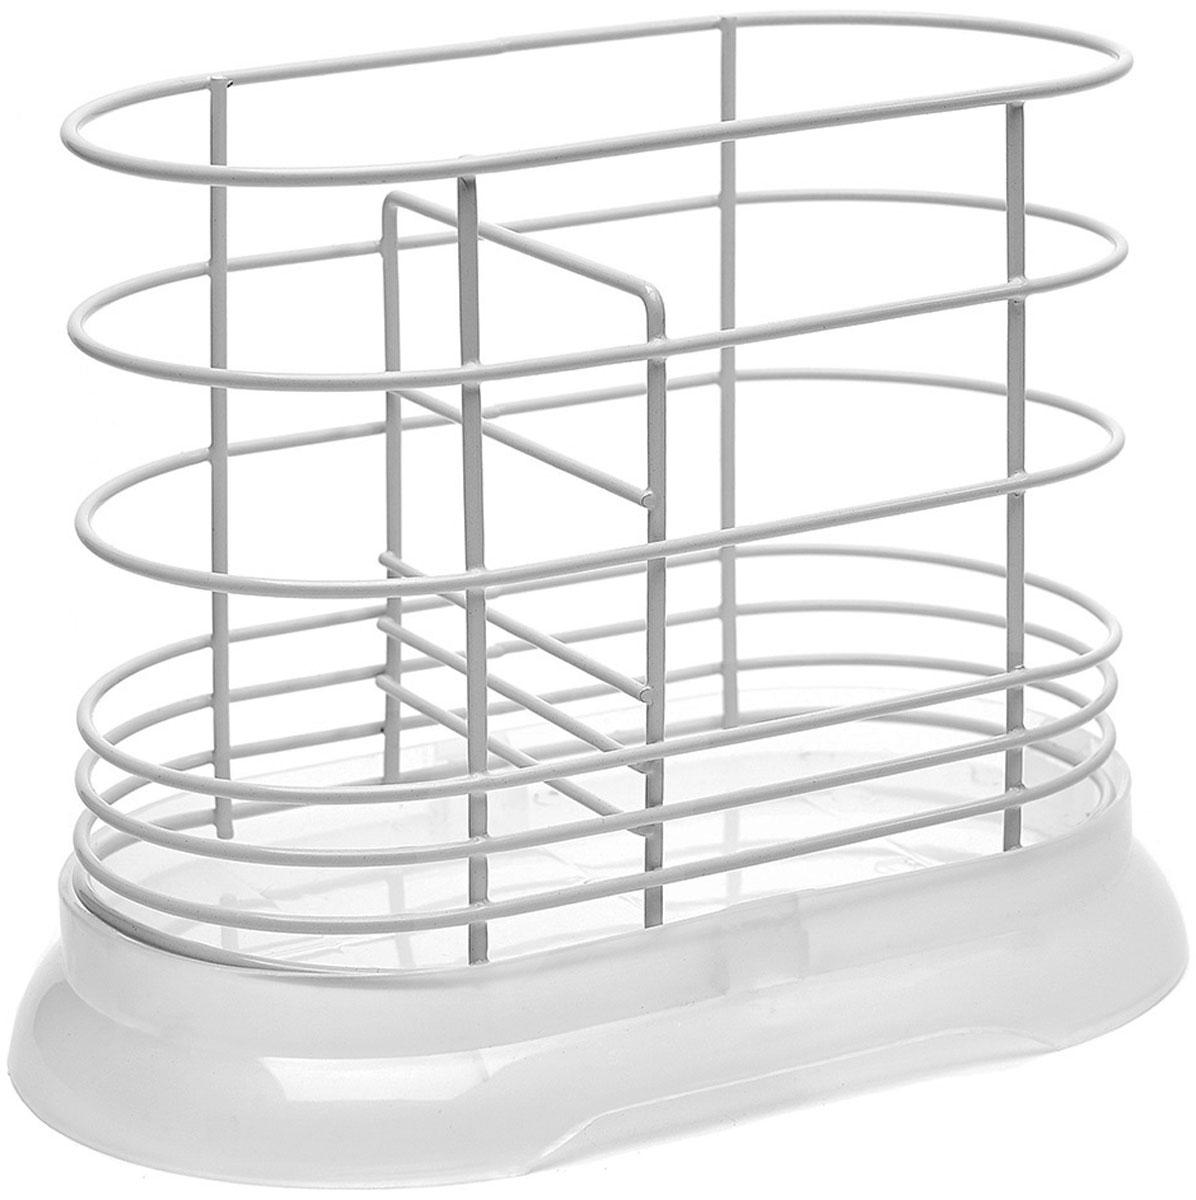 """Подставка для столовых приборов """"Walmer"""" имеет лаконичный дизайн и подойдет под абсолютно  любой интерьер кухни. Основание изделия изготовлено из качественного пластика. Если на  приборах осталось немного воды, то она не будет стекать на стол, а останется в съемном  поддоне. А материалом для прутков корпуса является сталь с порошковым покрытием - прочная  и устойчивая к коррозии. К слову, в нижней части расстояние между прутками меньше, чтобы  ручки столовых приборов не выскальзывали из подставки. Подставка """"Walmer"""" не займет слишком много места на вашей кухне. Ее назначение в том, чтобы  экономить пространство и упрощать жизнь своим владельцам. Для удобства в ней есть  разделитель, который позволяет хранить приборы в разных отсеках."""